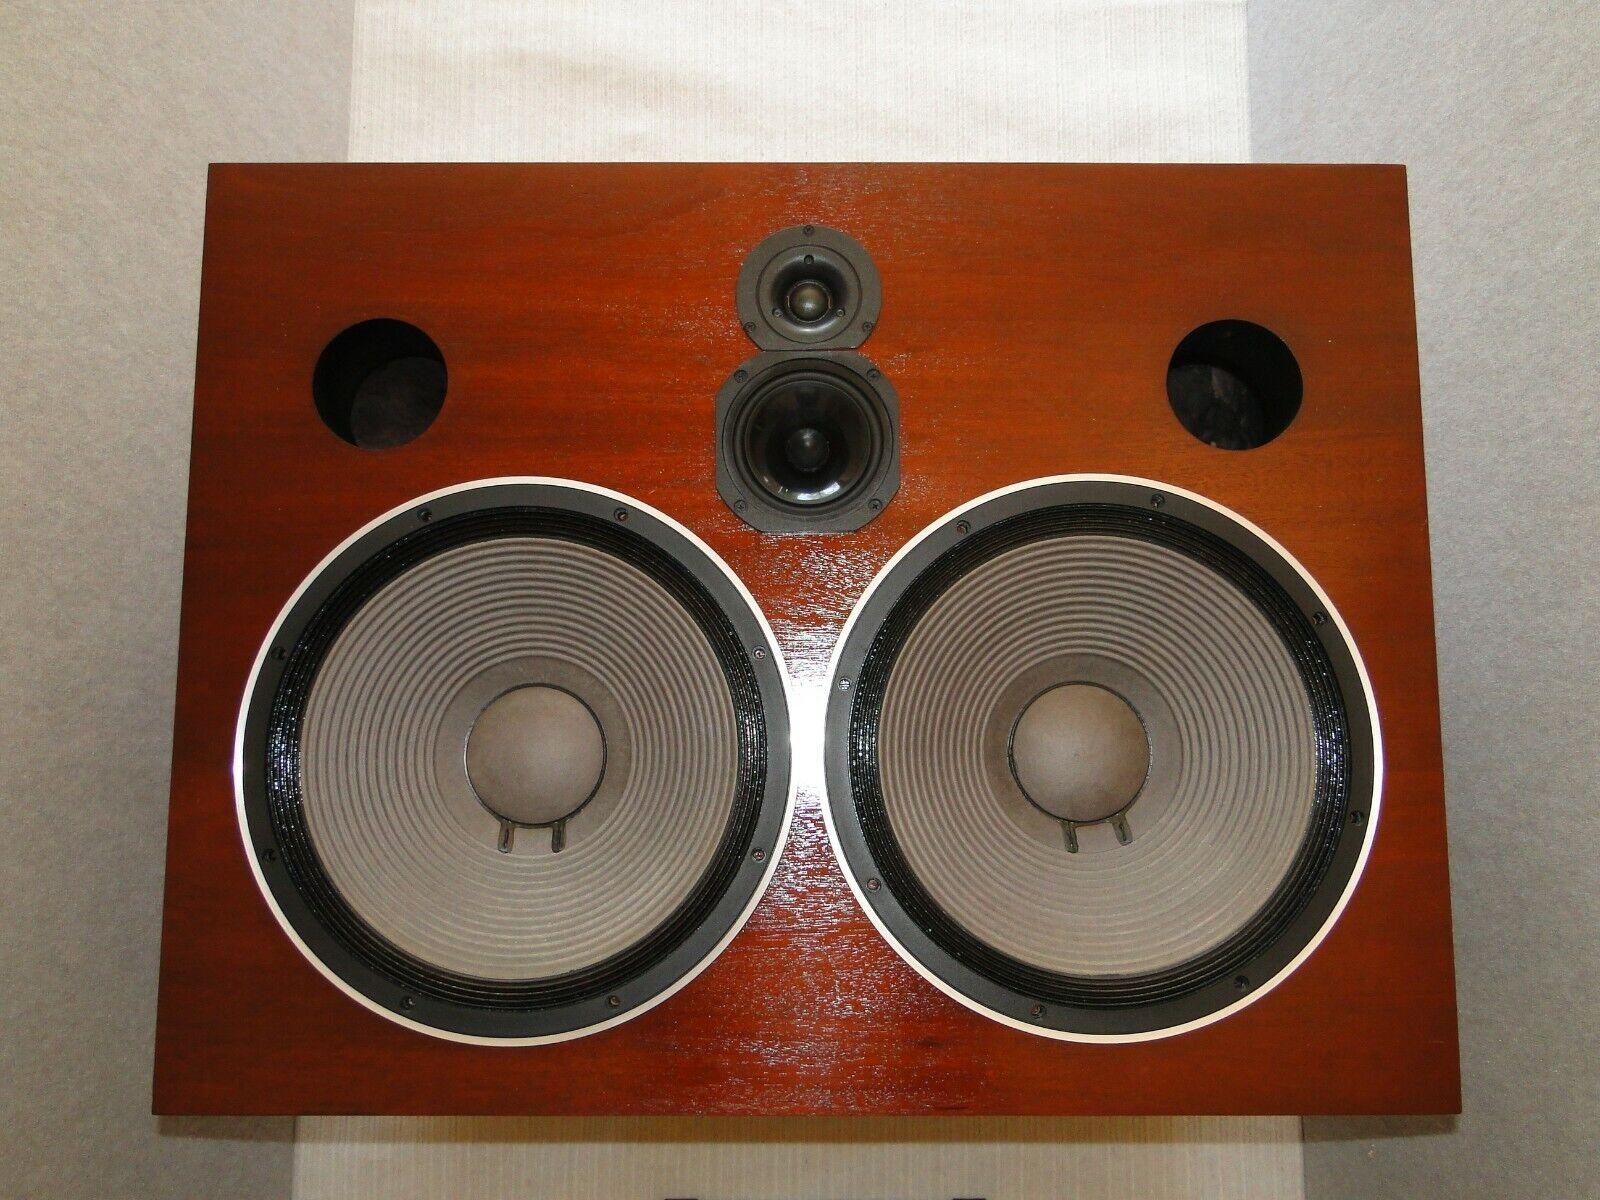 Recording Studio Monitors TAD Audax Dynaudio Cone/ Dome System - $10,000.00